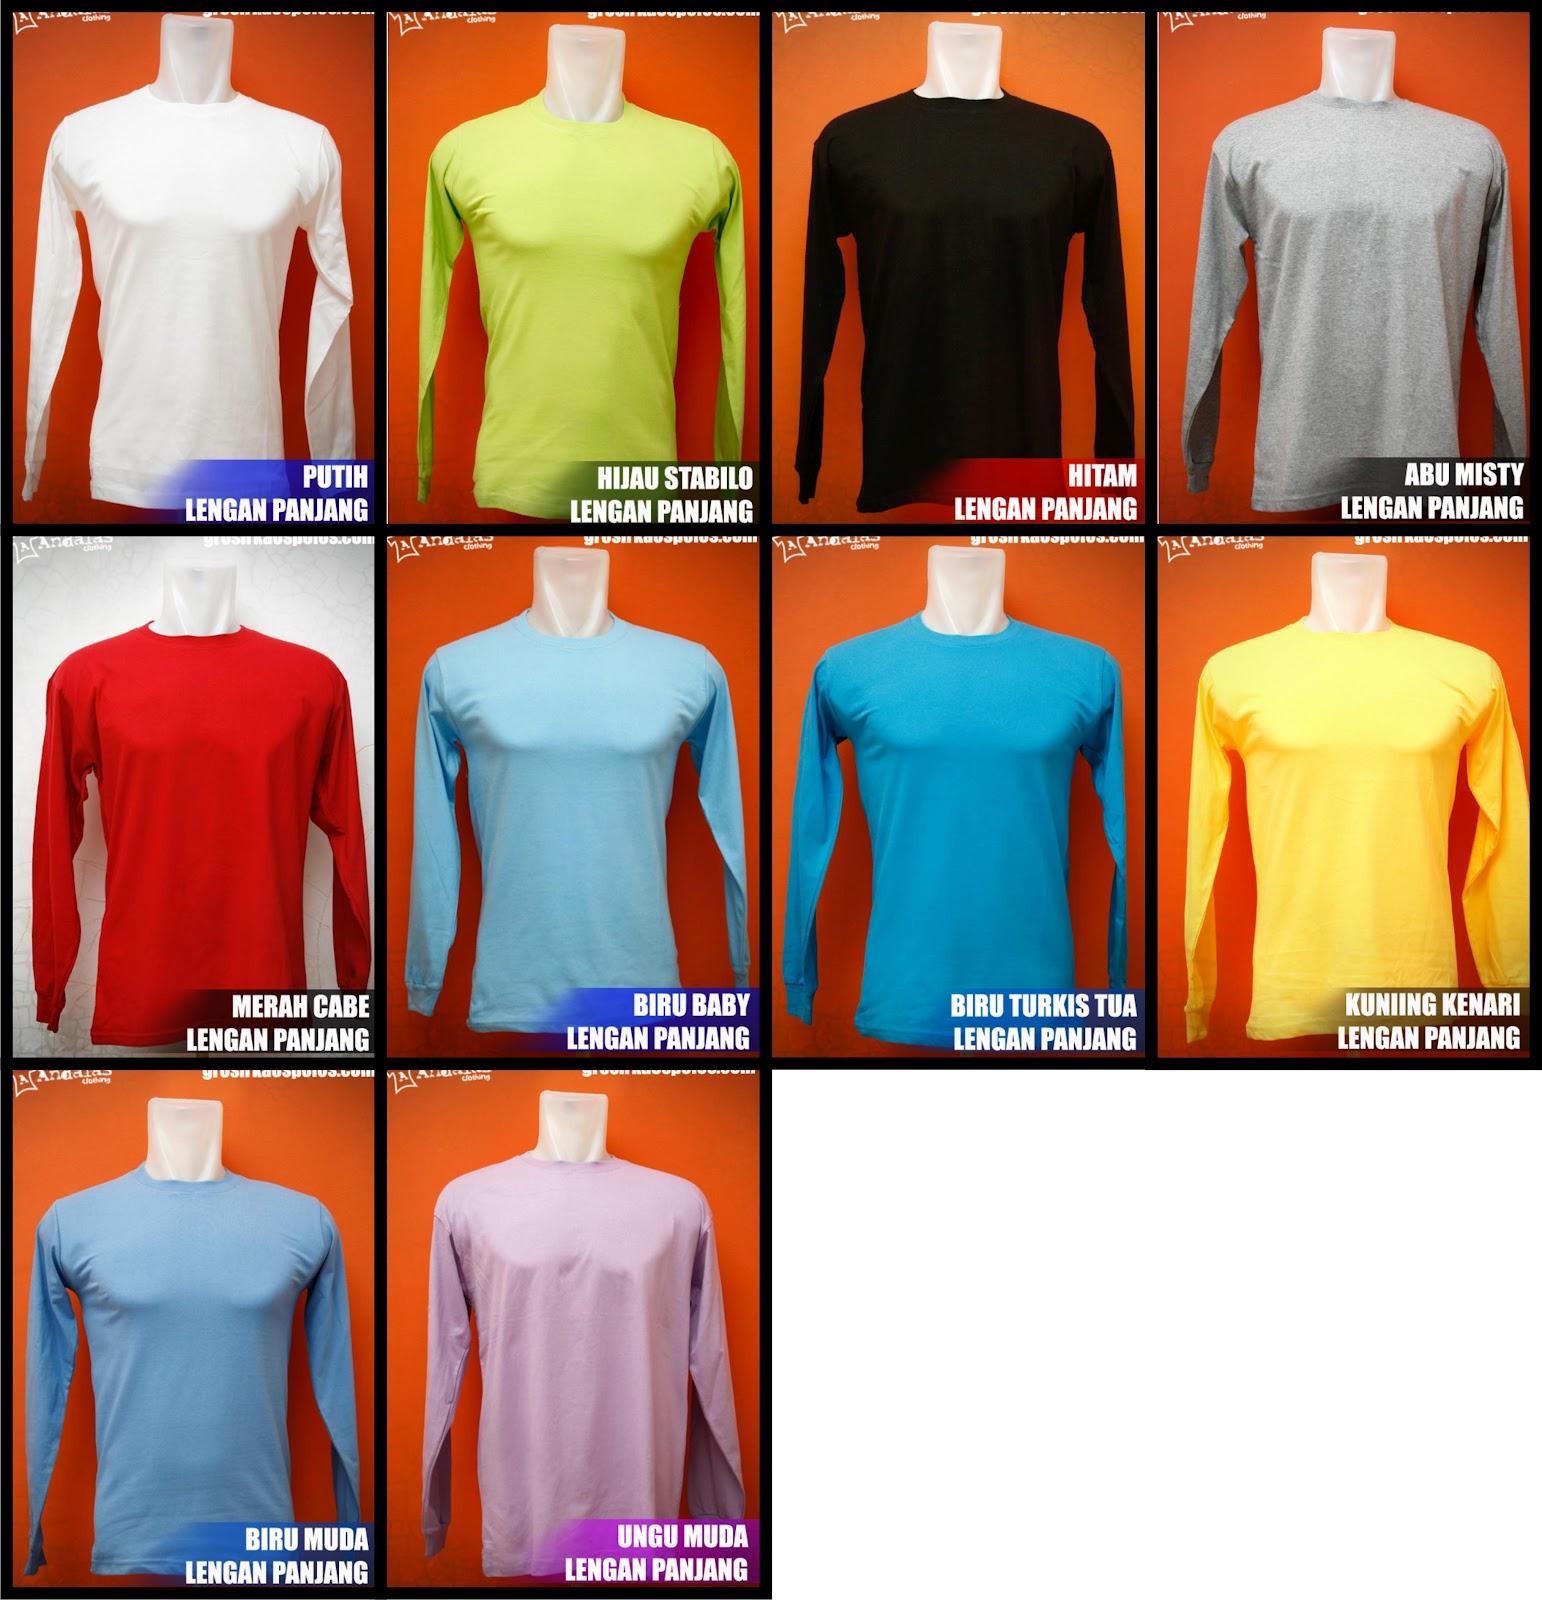 Desain Baju Online Kaos Polos Lengan Panjang Cotton Combed 20s Size Xl Atau Carded M Ml